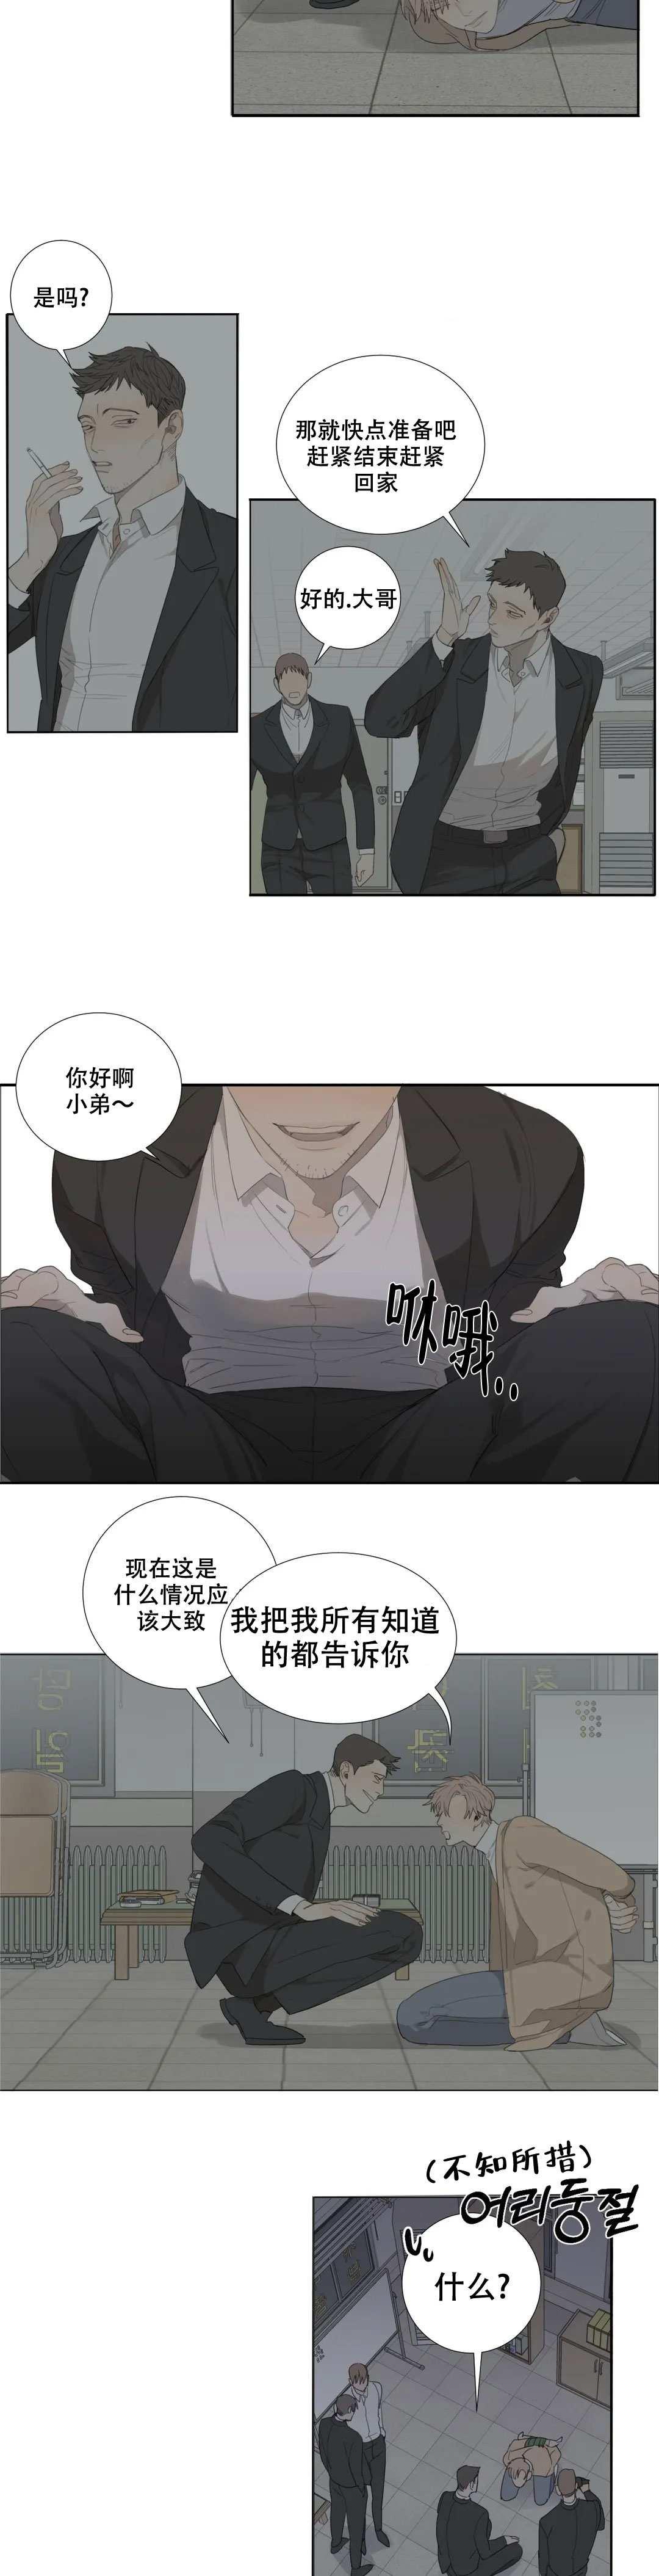 韩漫 |《狂犬》身为疯狗的你,凭什么想要上主人的床?  第5张